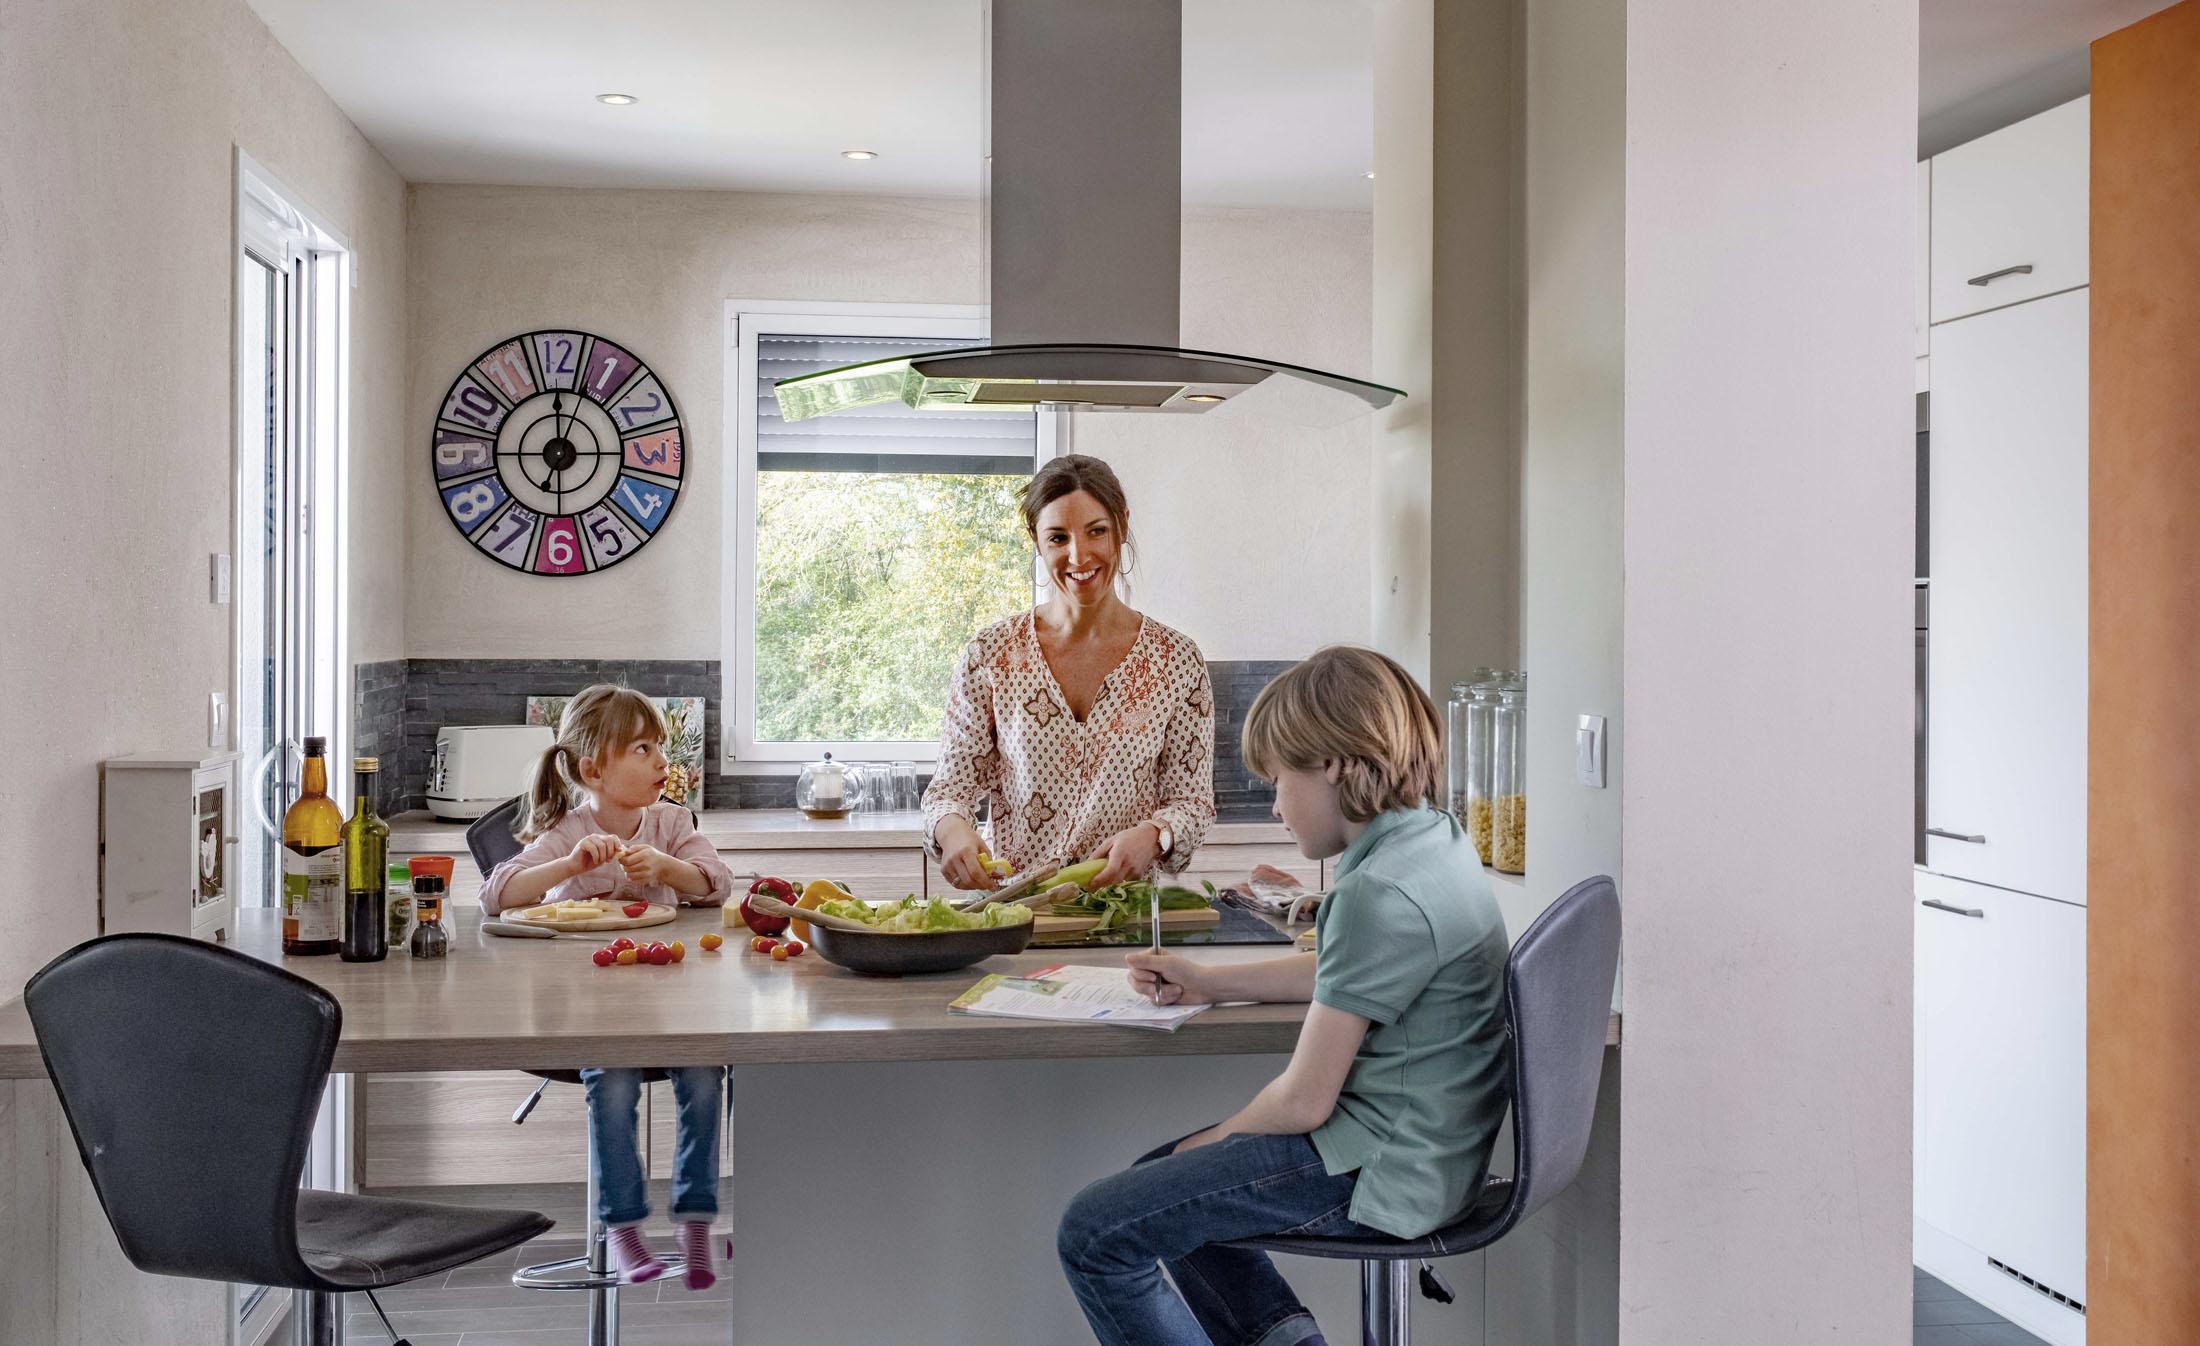 Ambiance d'un instant de vie d'une famille dans la cuisine